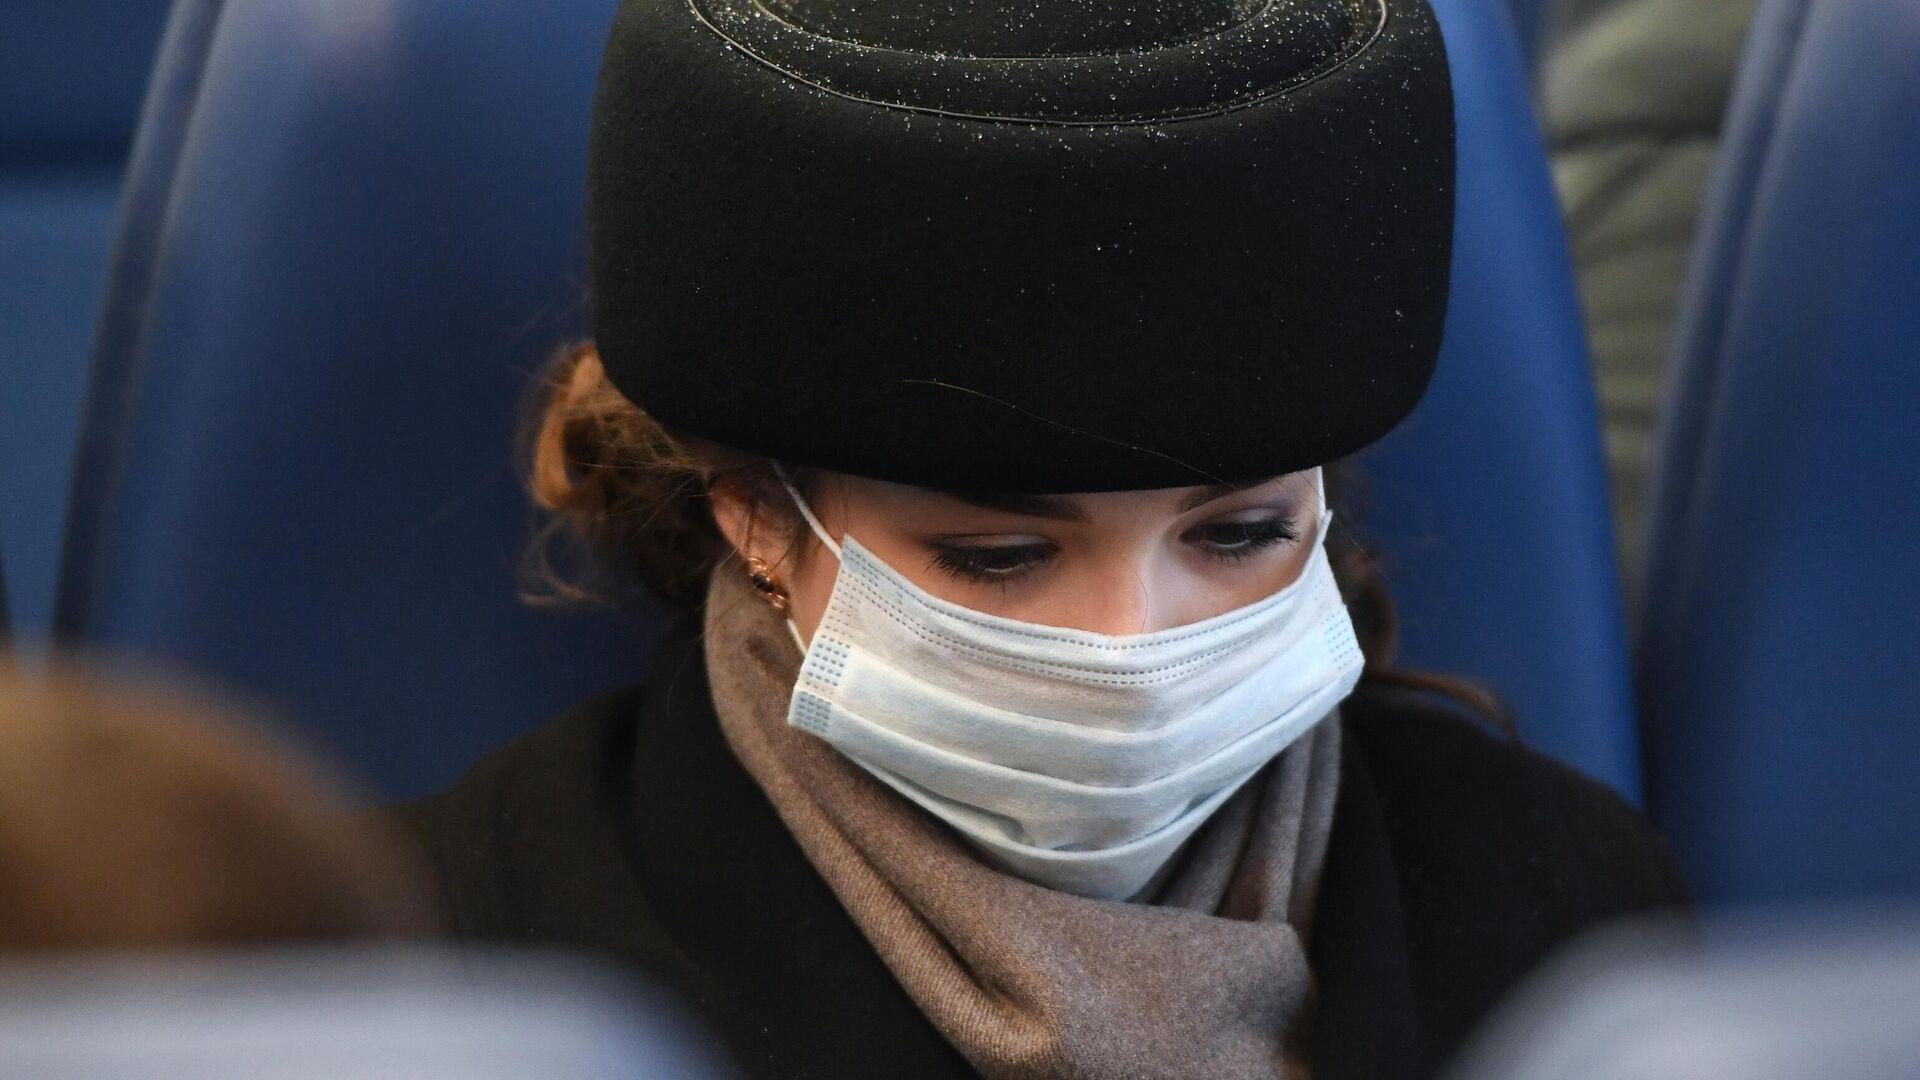 Девушка в медицинской маске в пригородном электропоезде в Новосибирске - РИА Новости, 1920, 13.11.2020